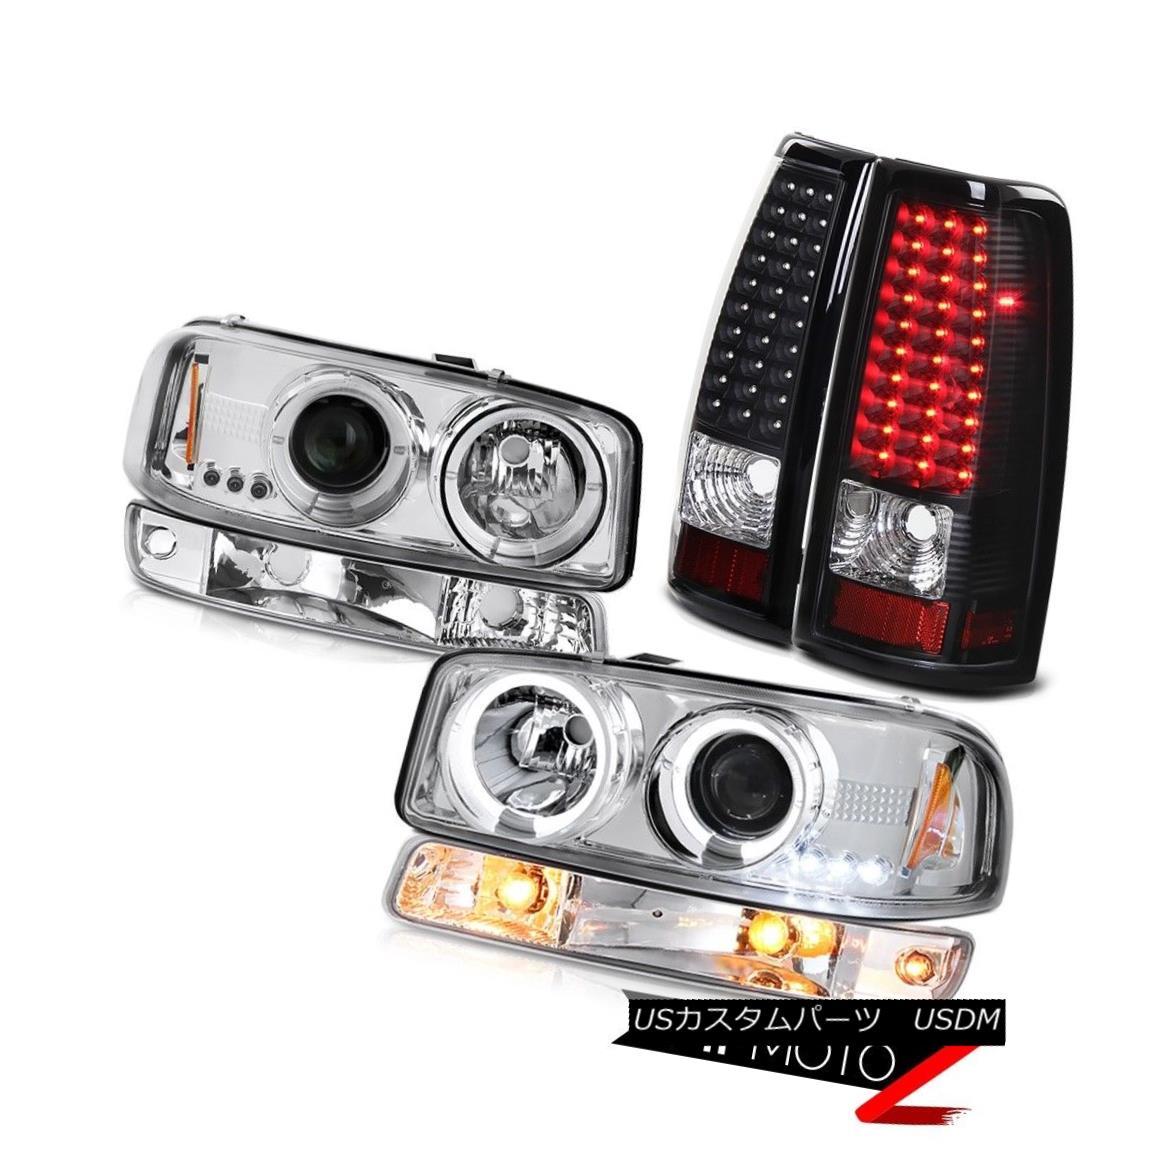 ヘッドライト 99-06 Sierra 6.6L Nighthawk black tail brake lights parking light headlamps LED 99-06シエラ6.6Lナイトホークブラックテールブレーキライトは、ヘッドライトLEDを駐車します。